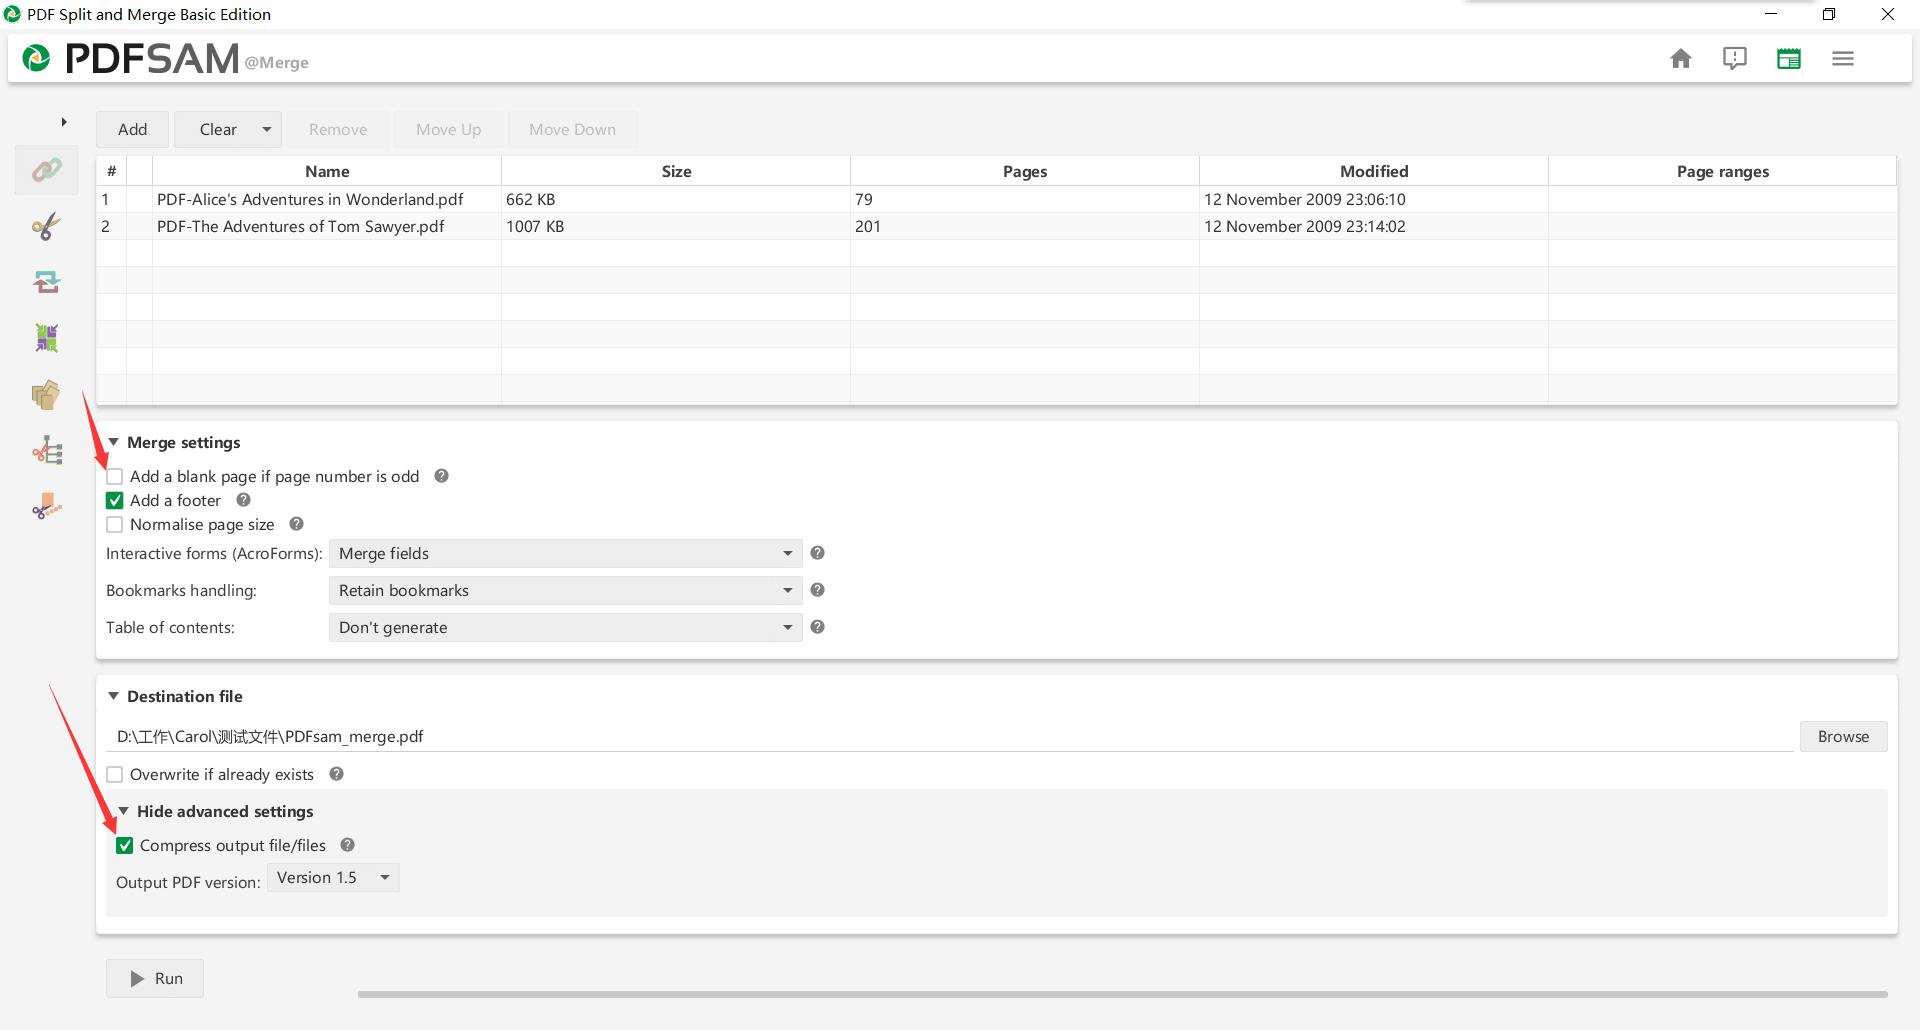 PDF de fusión PDFsam Basic